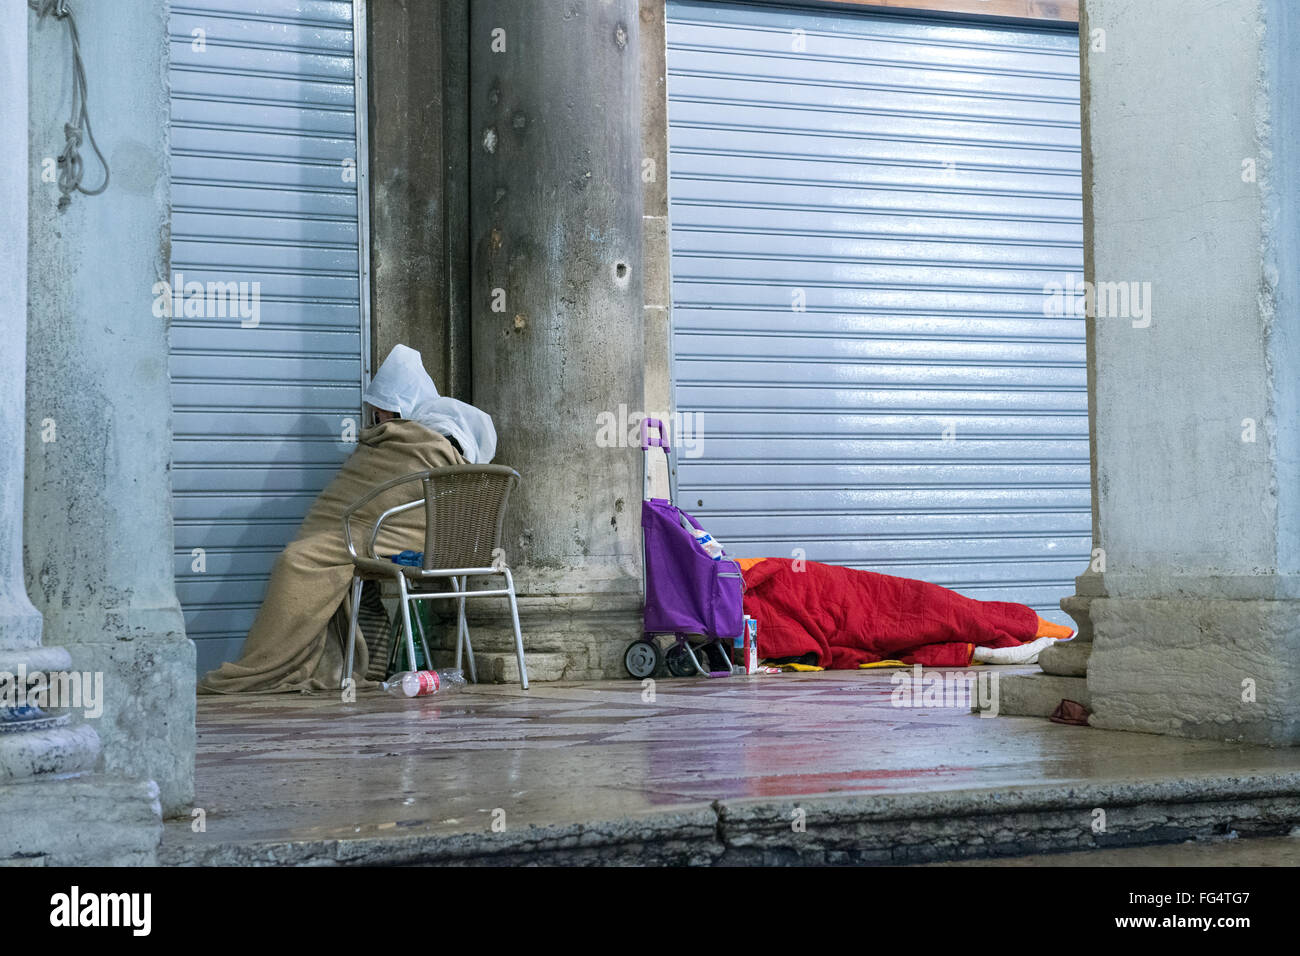 Gente Durmiendo En La Calle Fotos E Imágenes De Stock Alamy